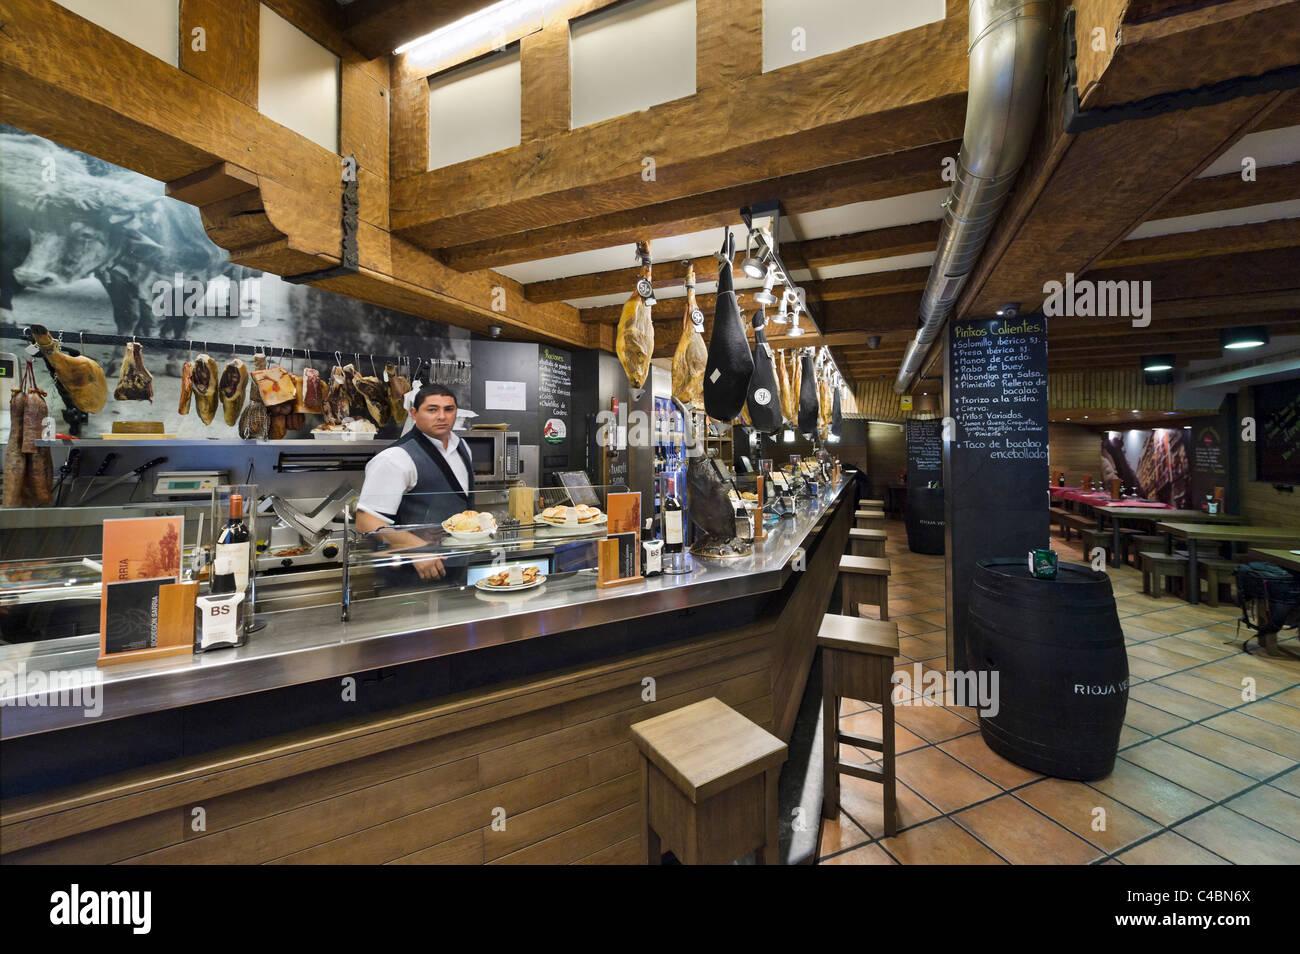 Il Tapas bar nel centro storico (Casco Viejo), Pamplona, Navarra, Spagna Immagini Stock